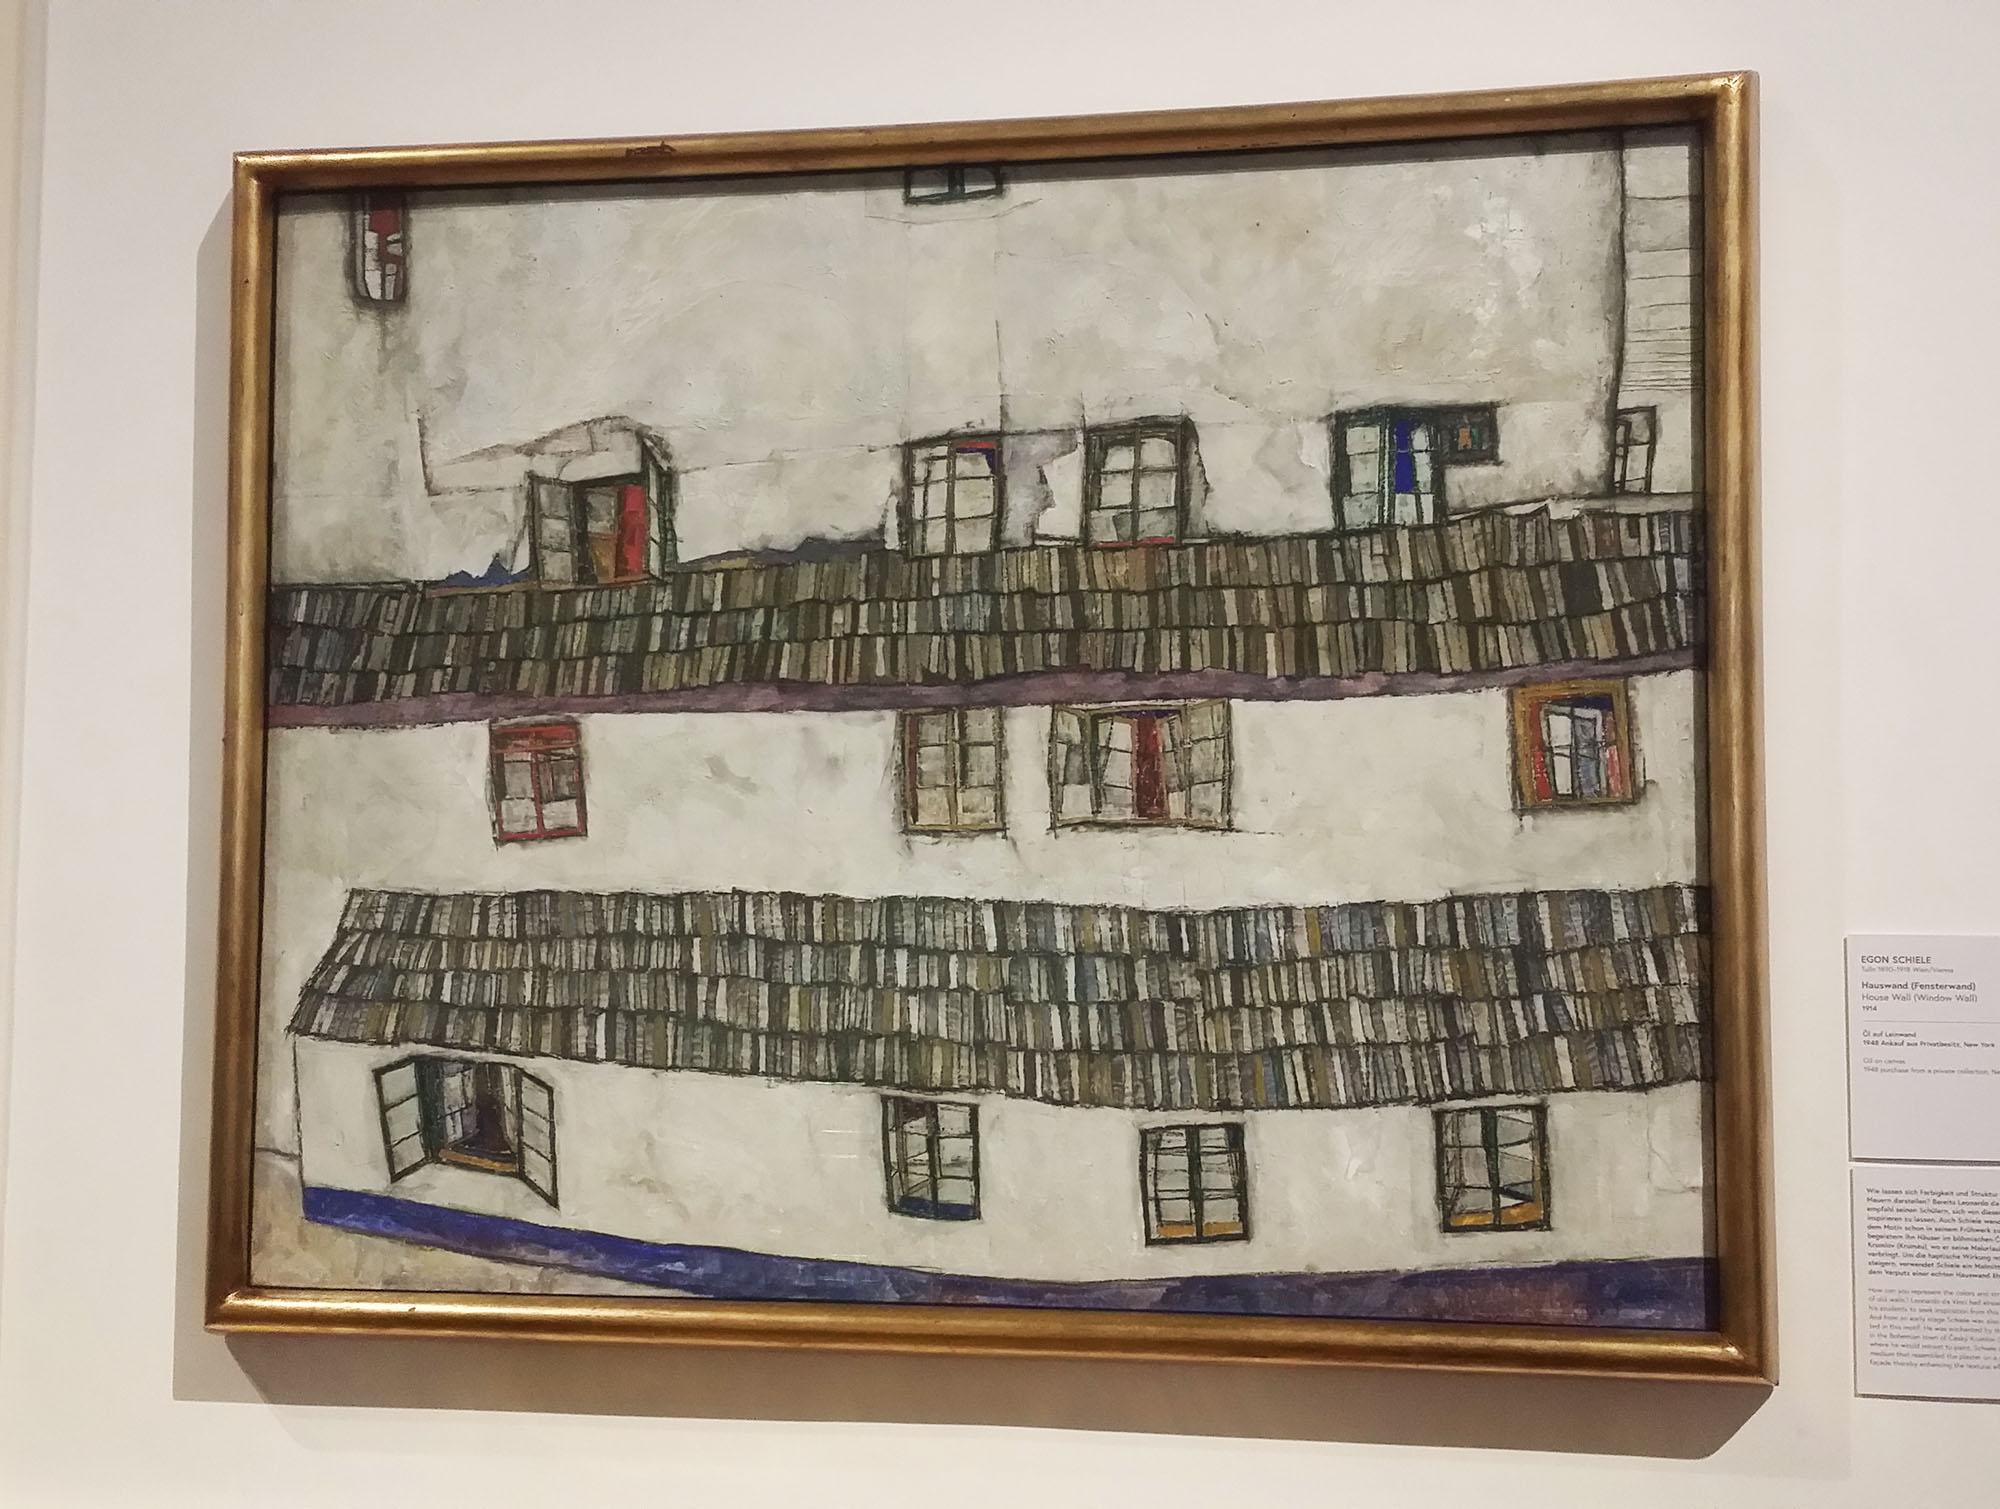 エゴン・シーレ作「Old Houses」